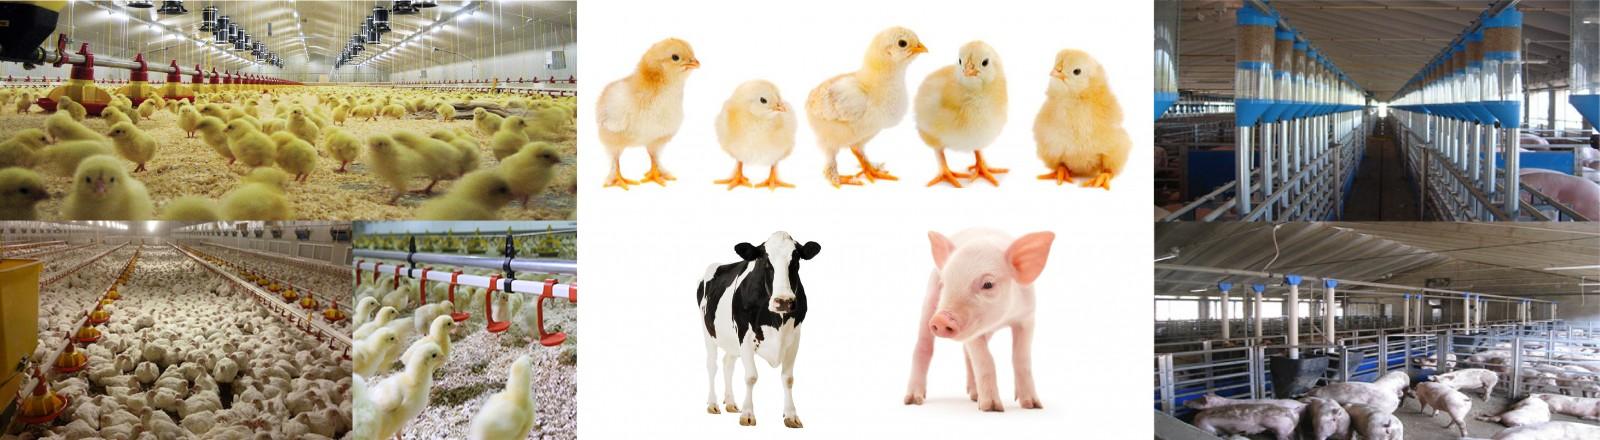 Συστήματα Διανομής Τροφής Νερού Κτηνοτροφικών θαλάμων